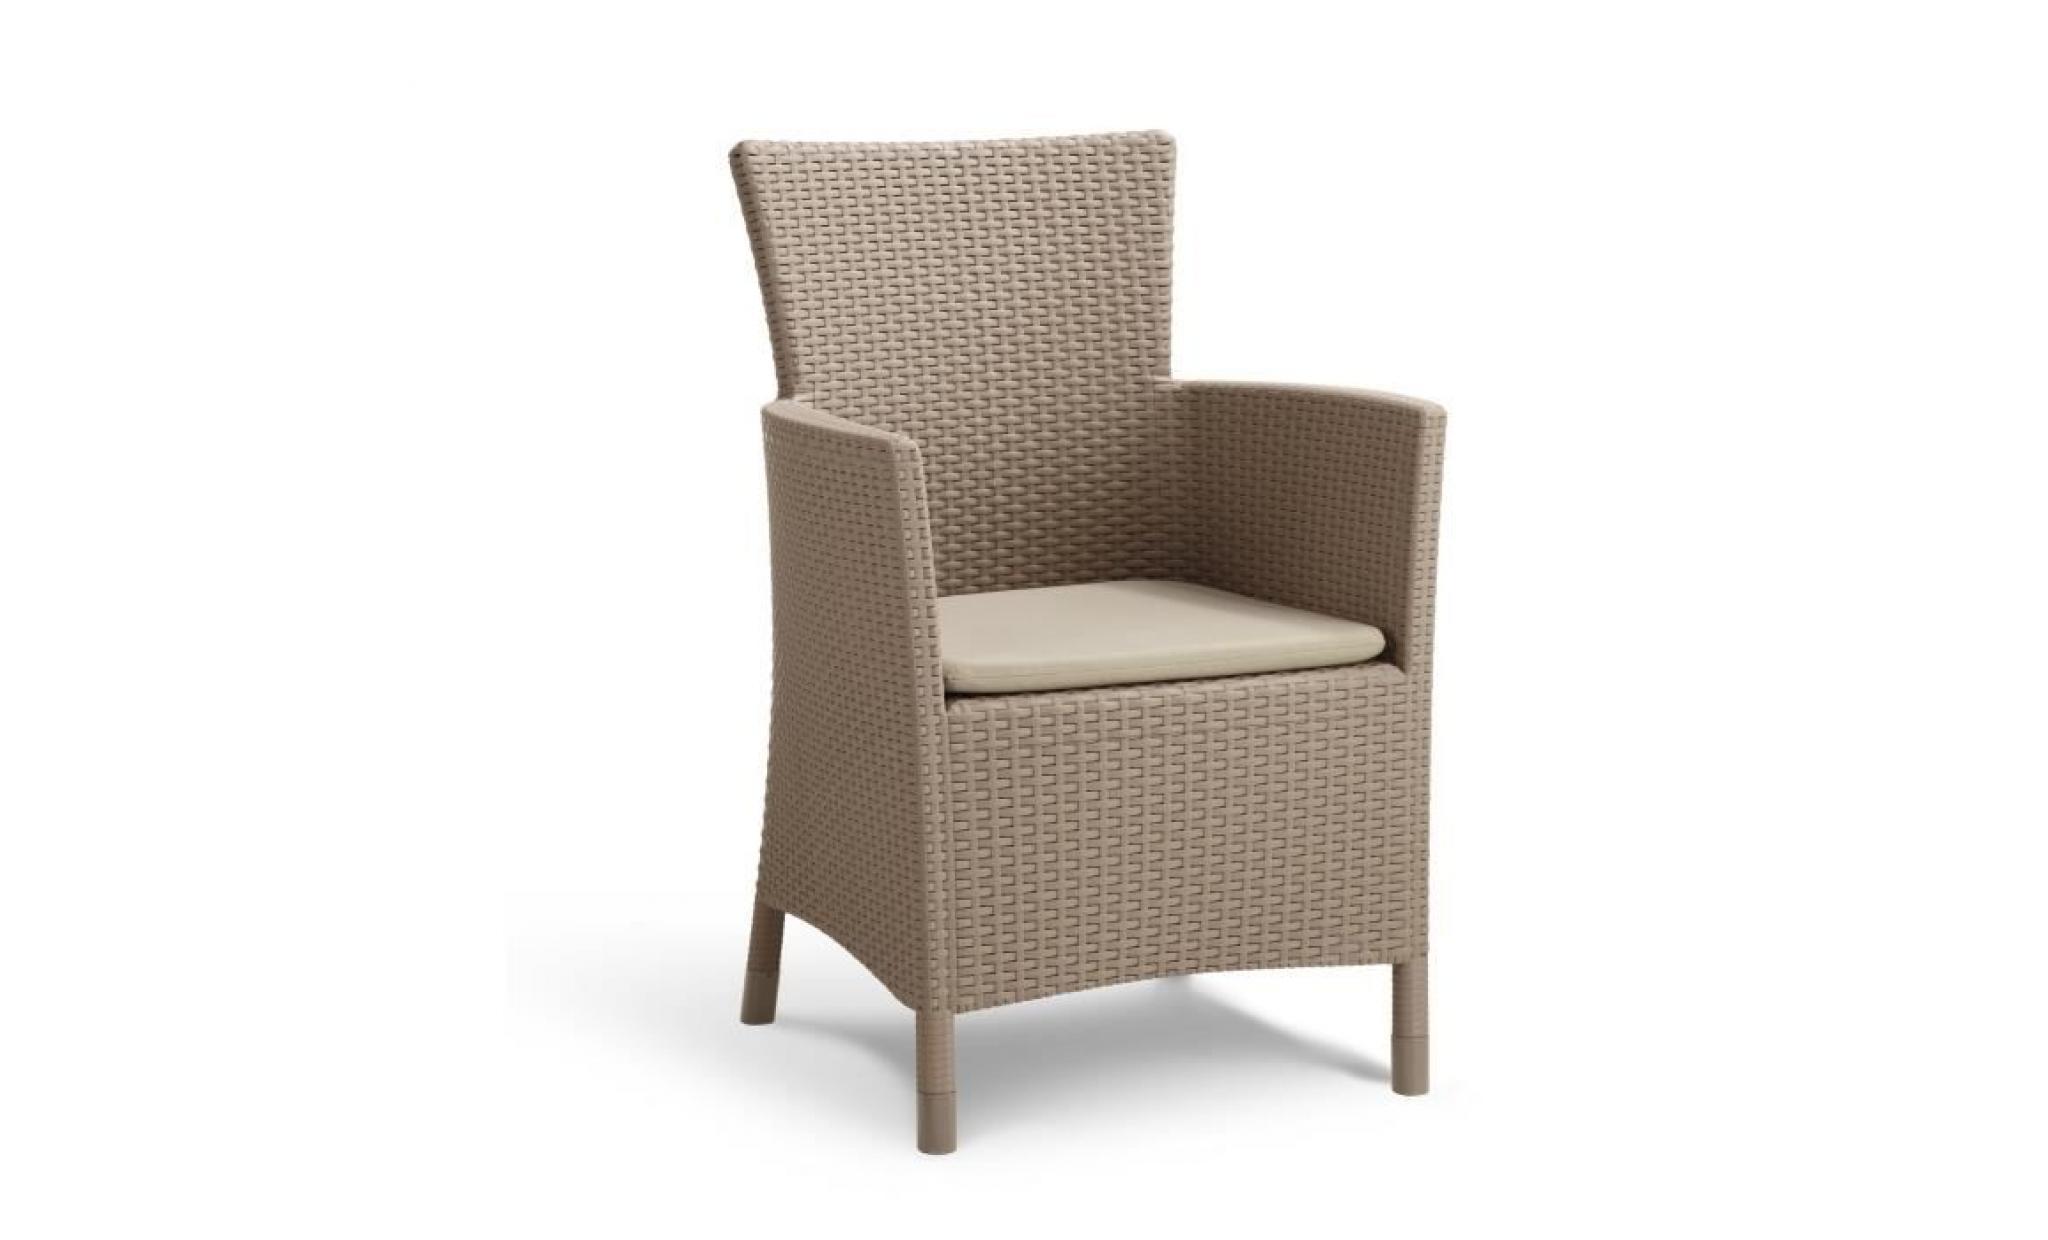 iowa fauteuil de jardin aspect rotin tressé cappucino